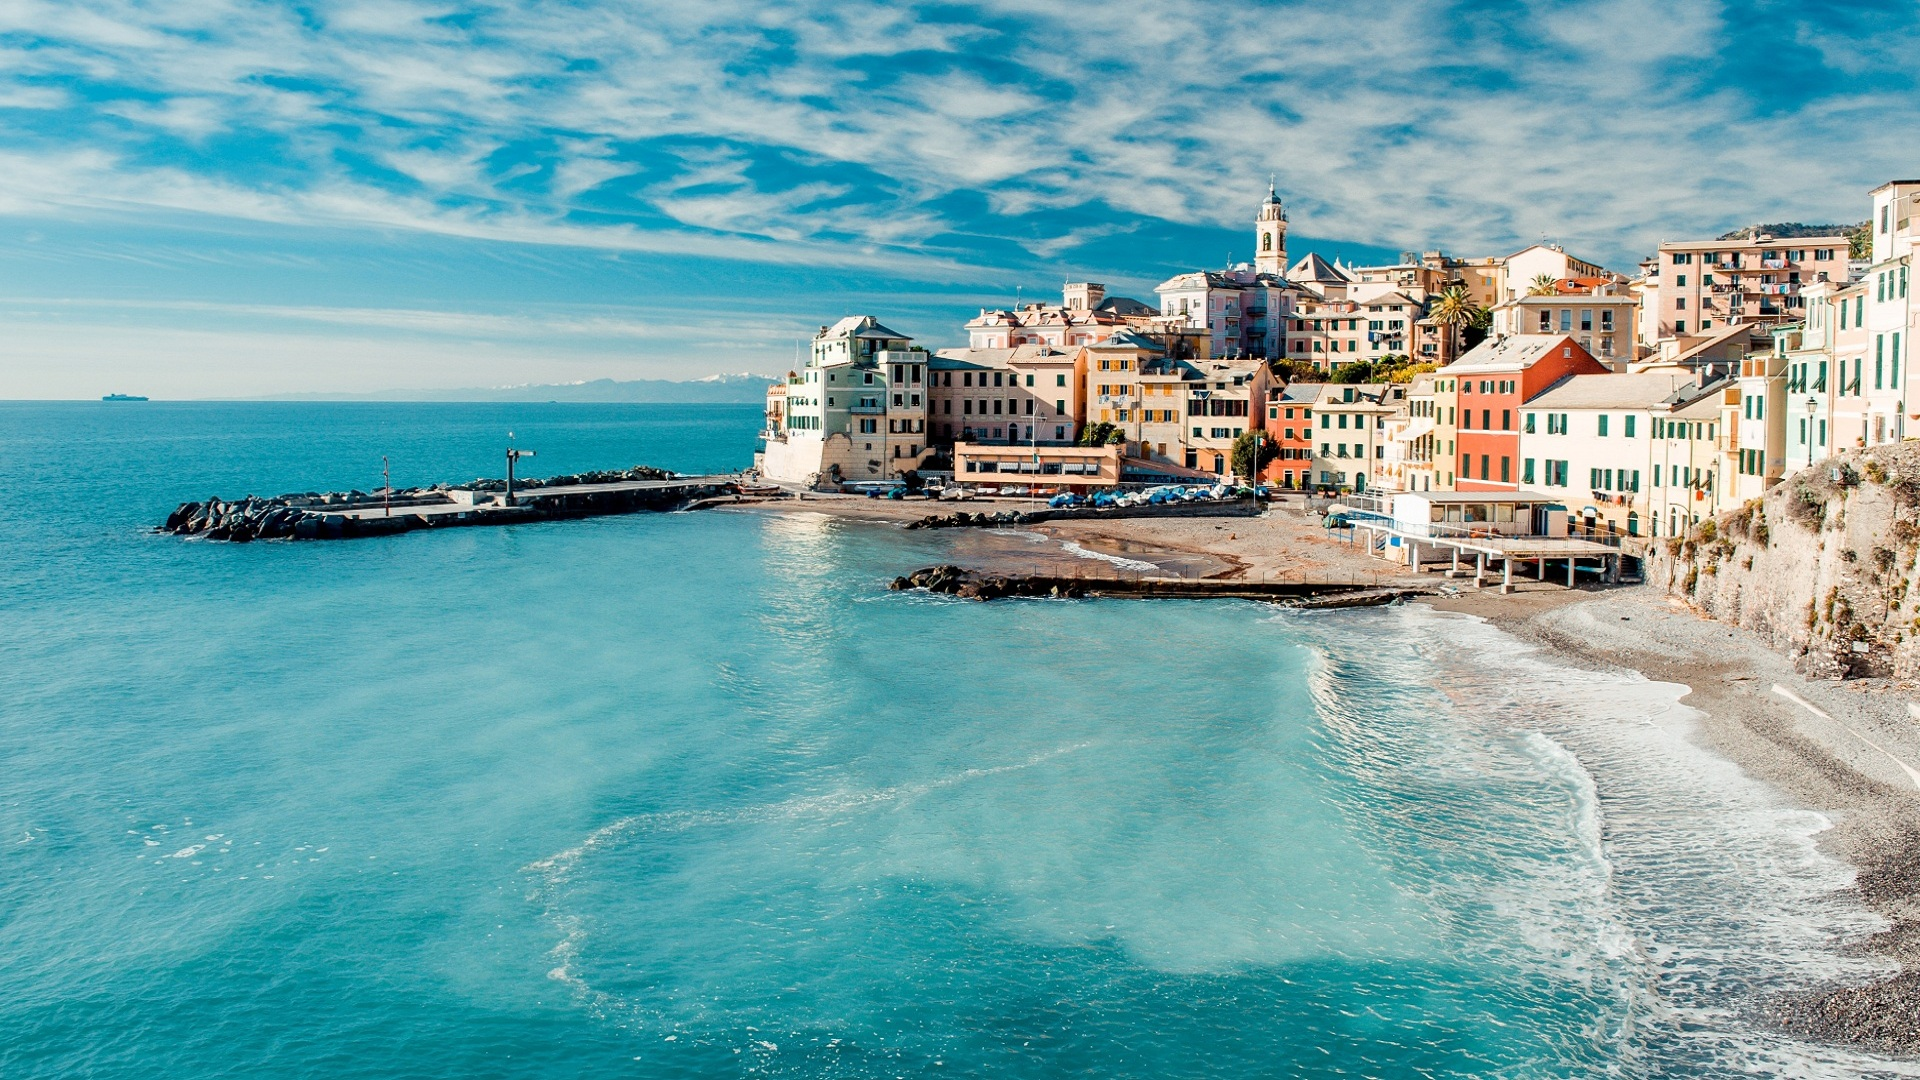 Dove soggiornare a Corfù, consigli utili - Leopolda2011